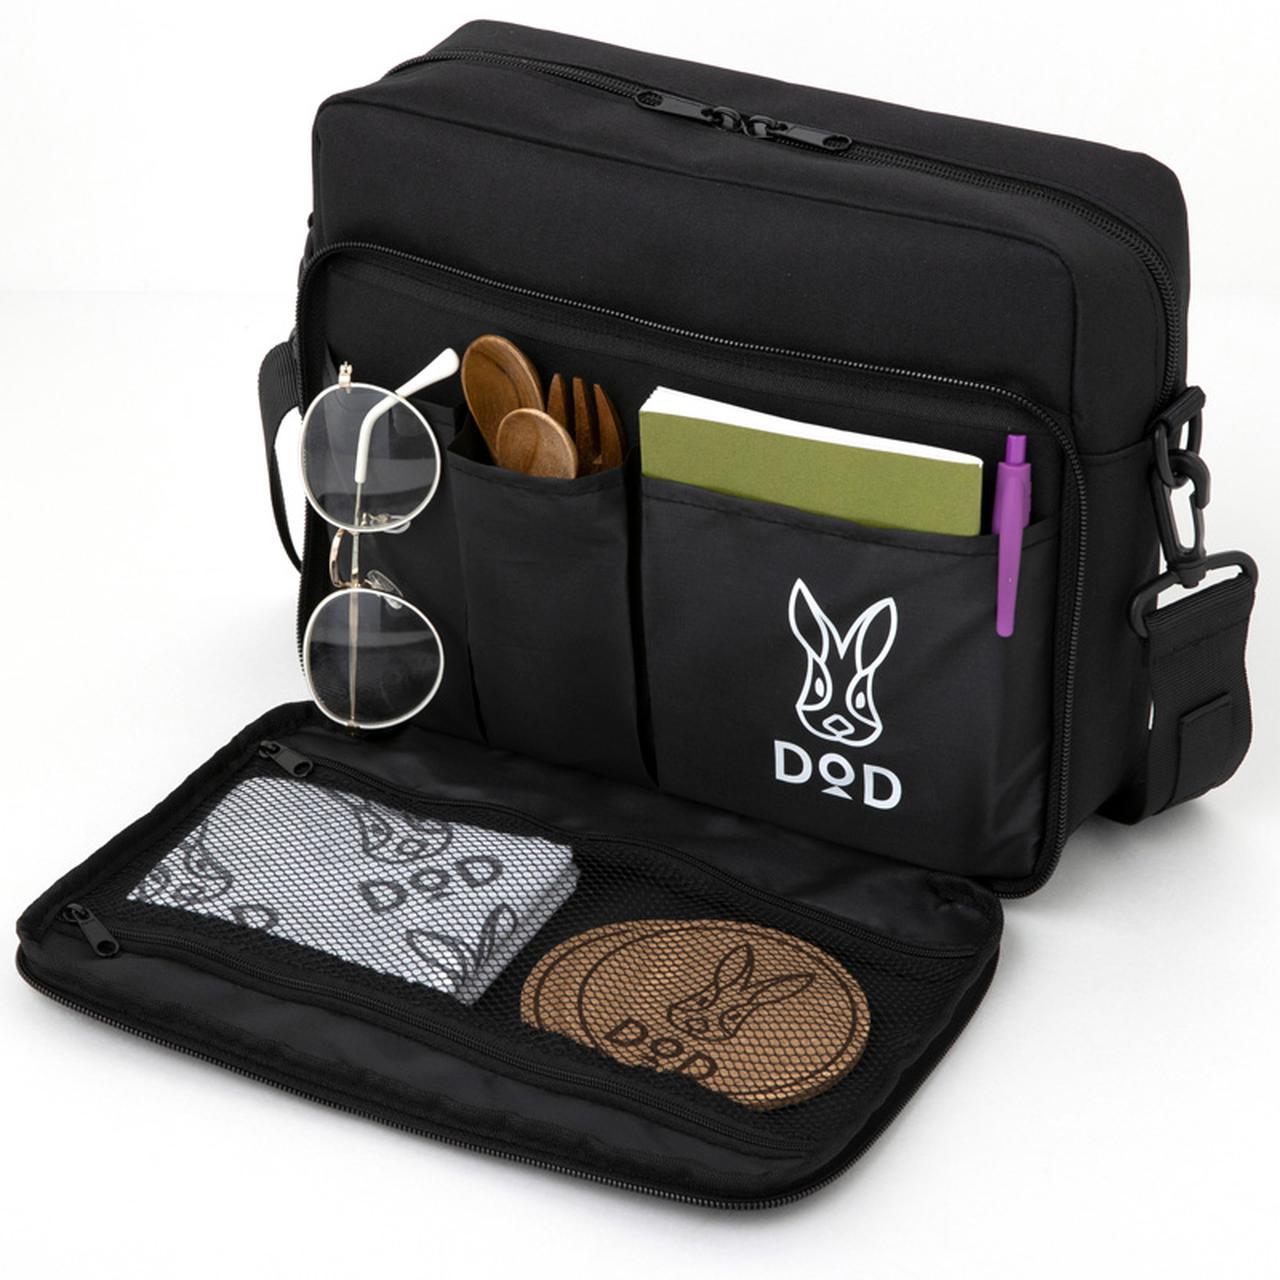 画像7: DODブランドブック第三弾!キャンプに日常に旅行に、うっかり毎日使ってしまうトランスフォームショルダーバッグを宝島社より発売!